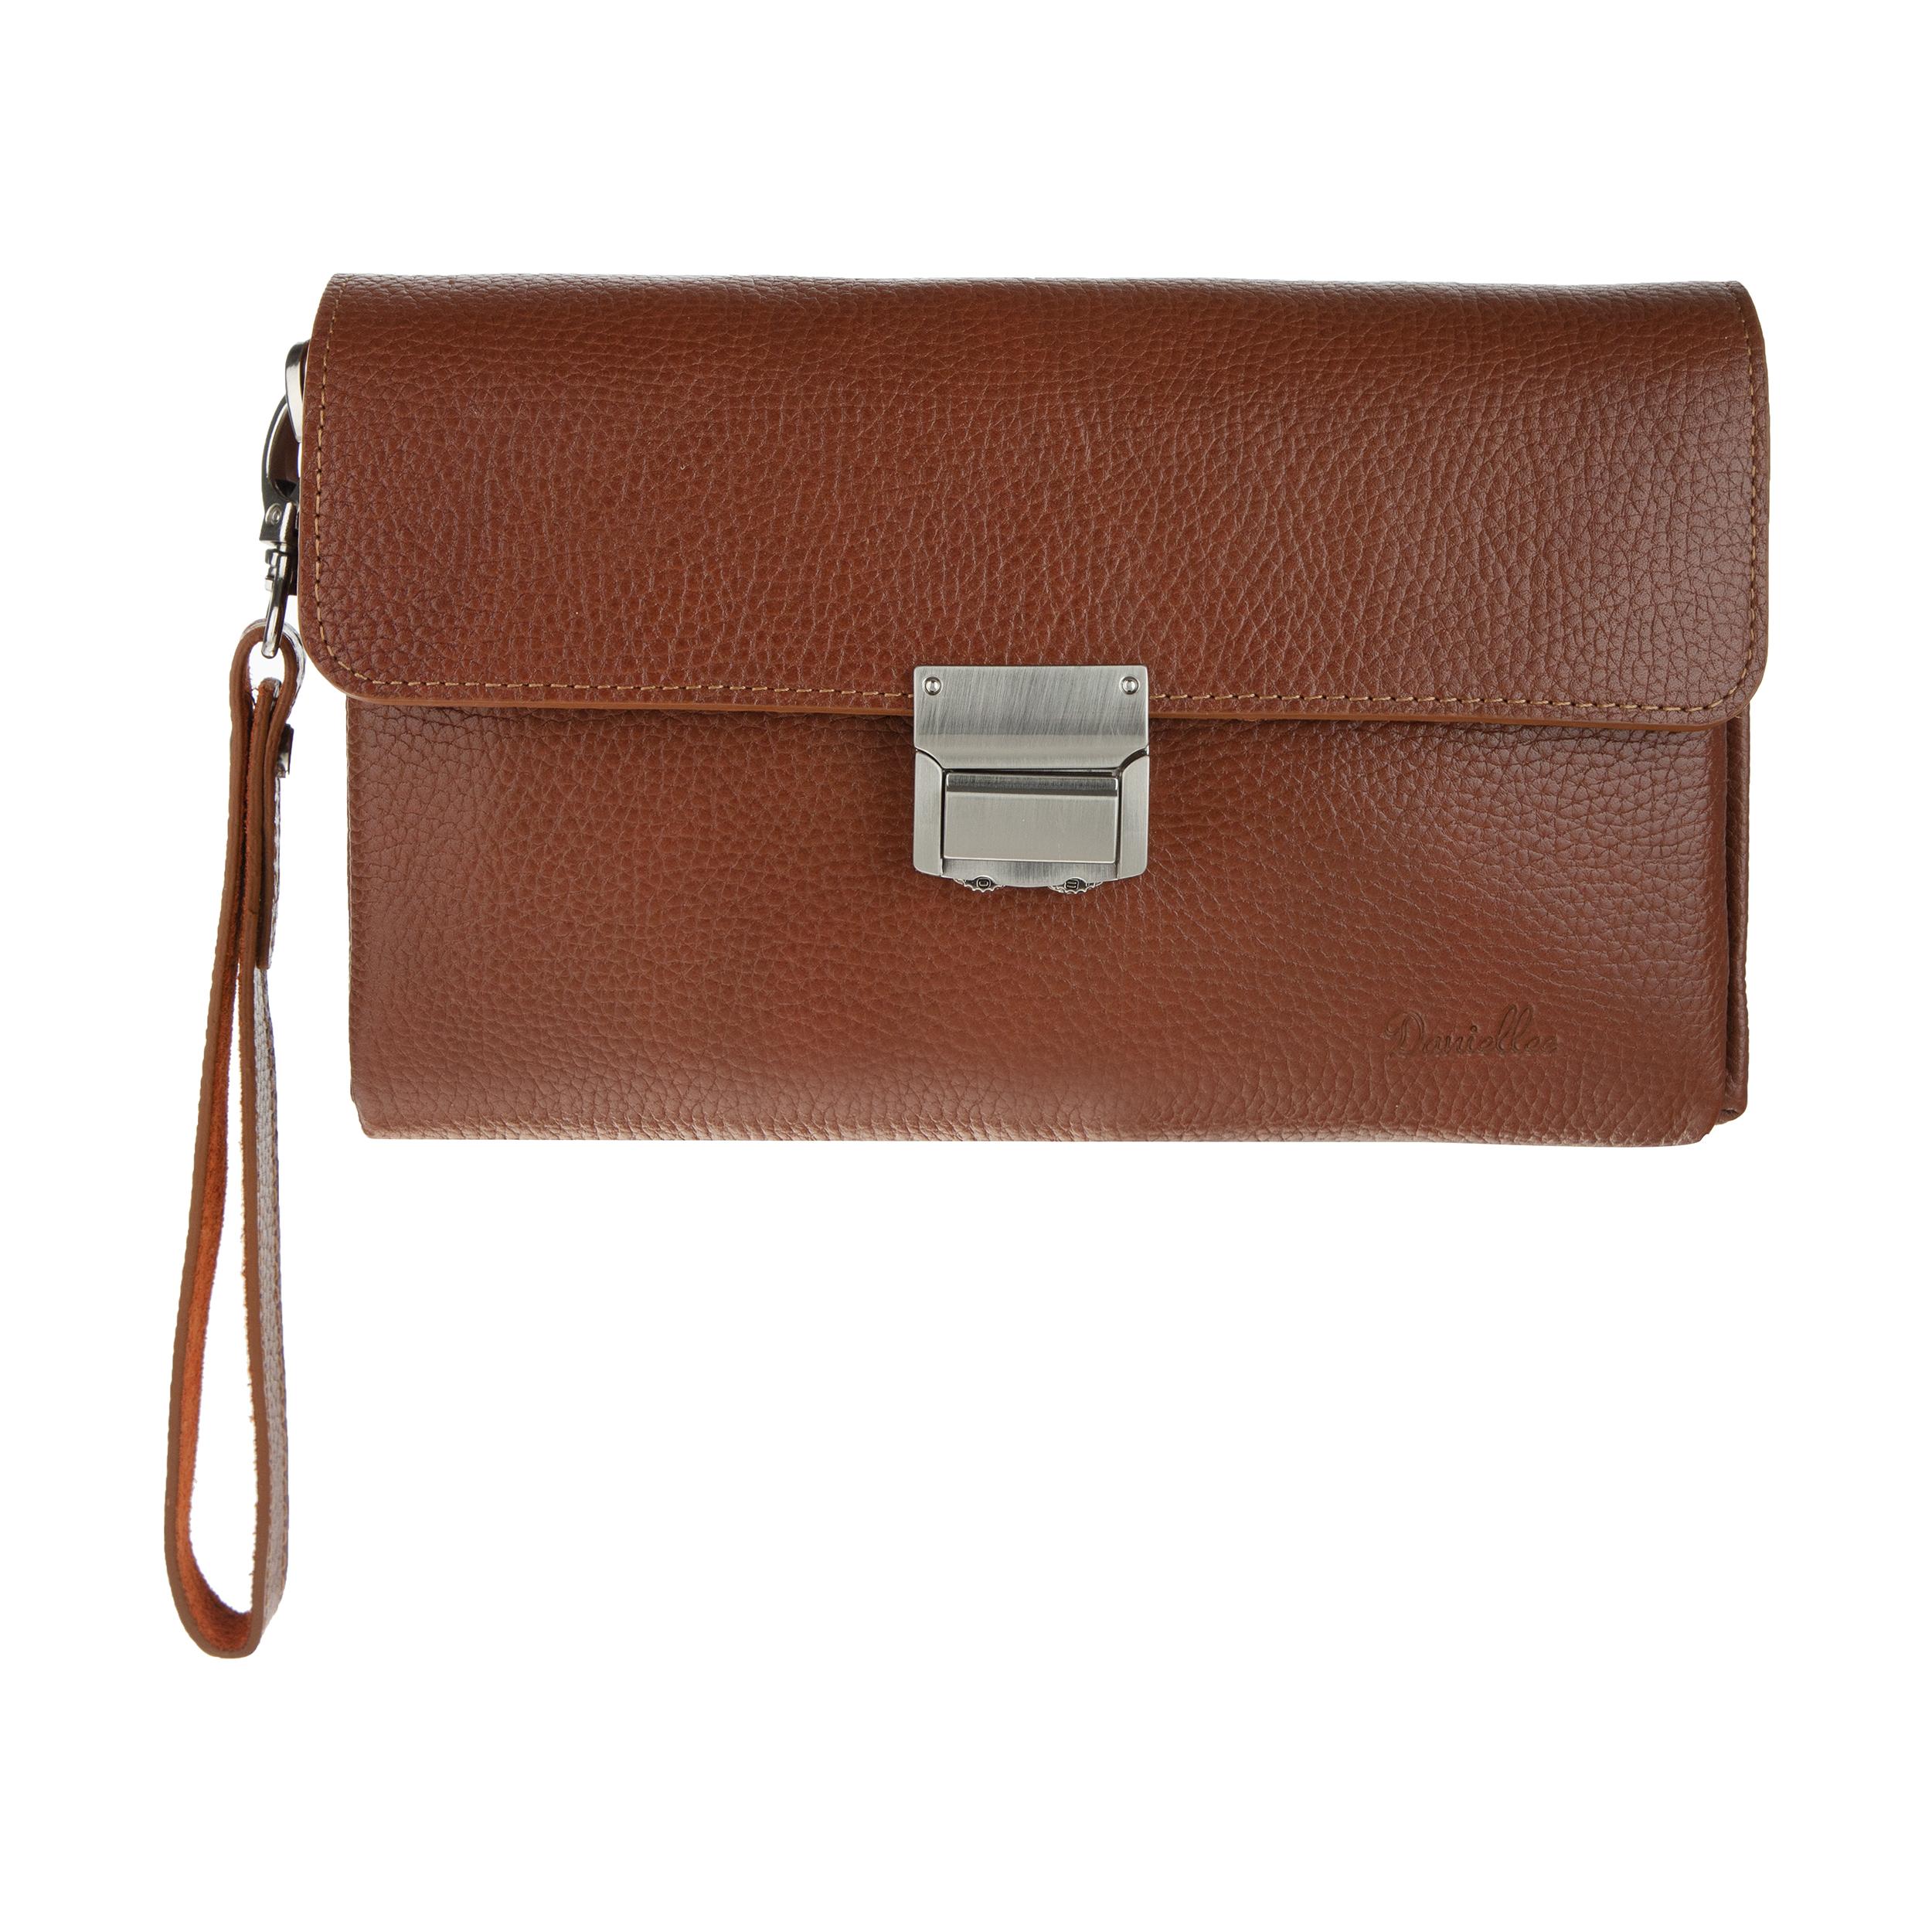 کیف دستی مردانه دنیلی مدل 401110021398